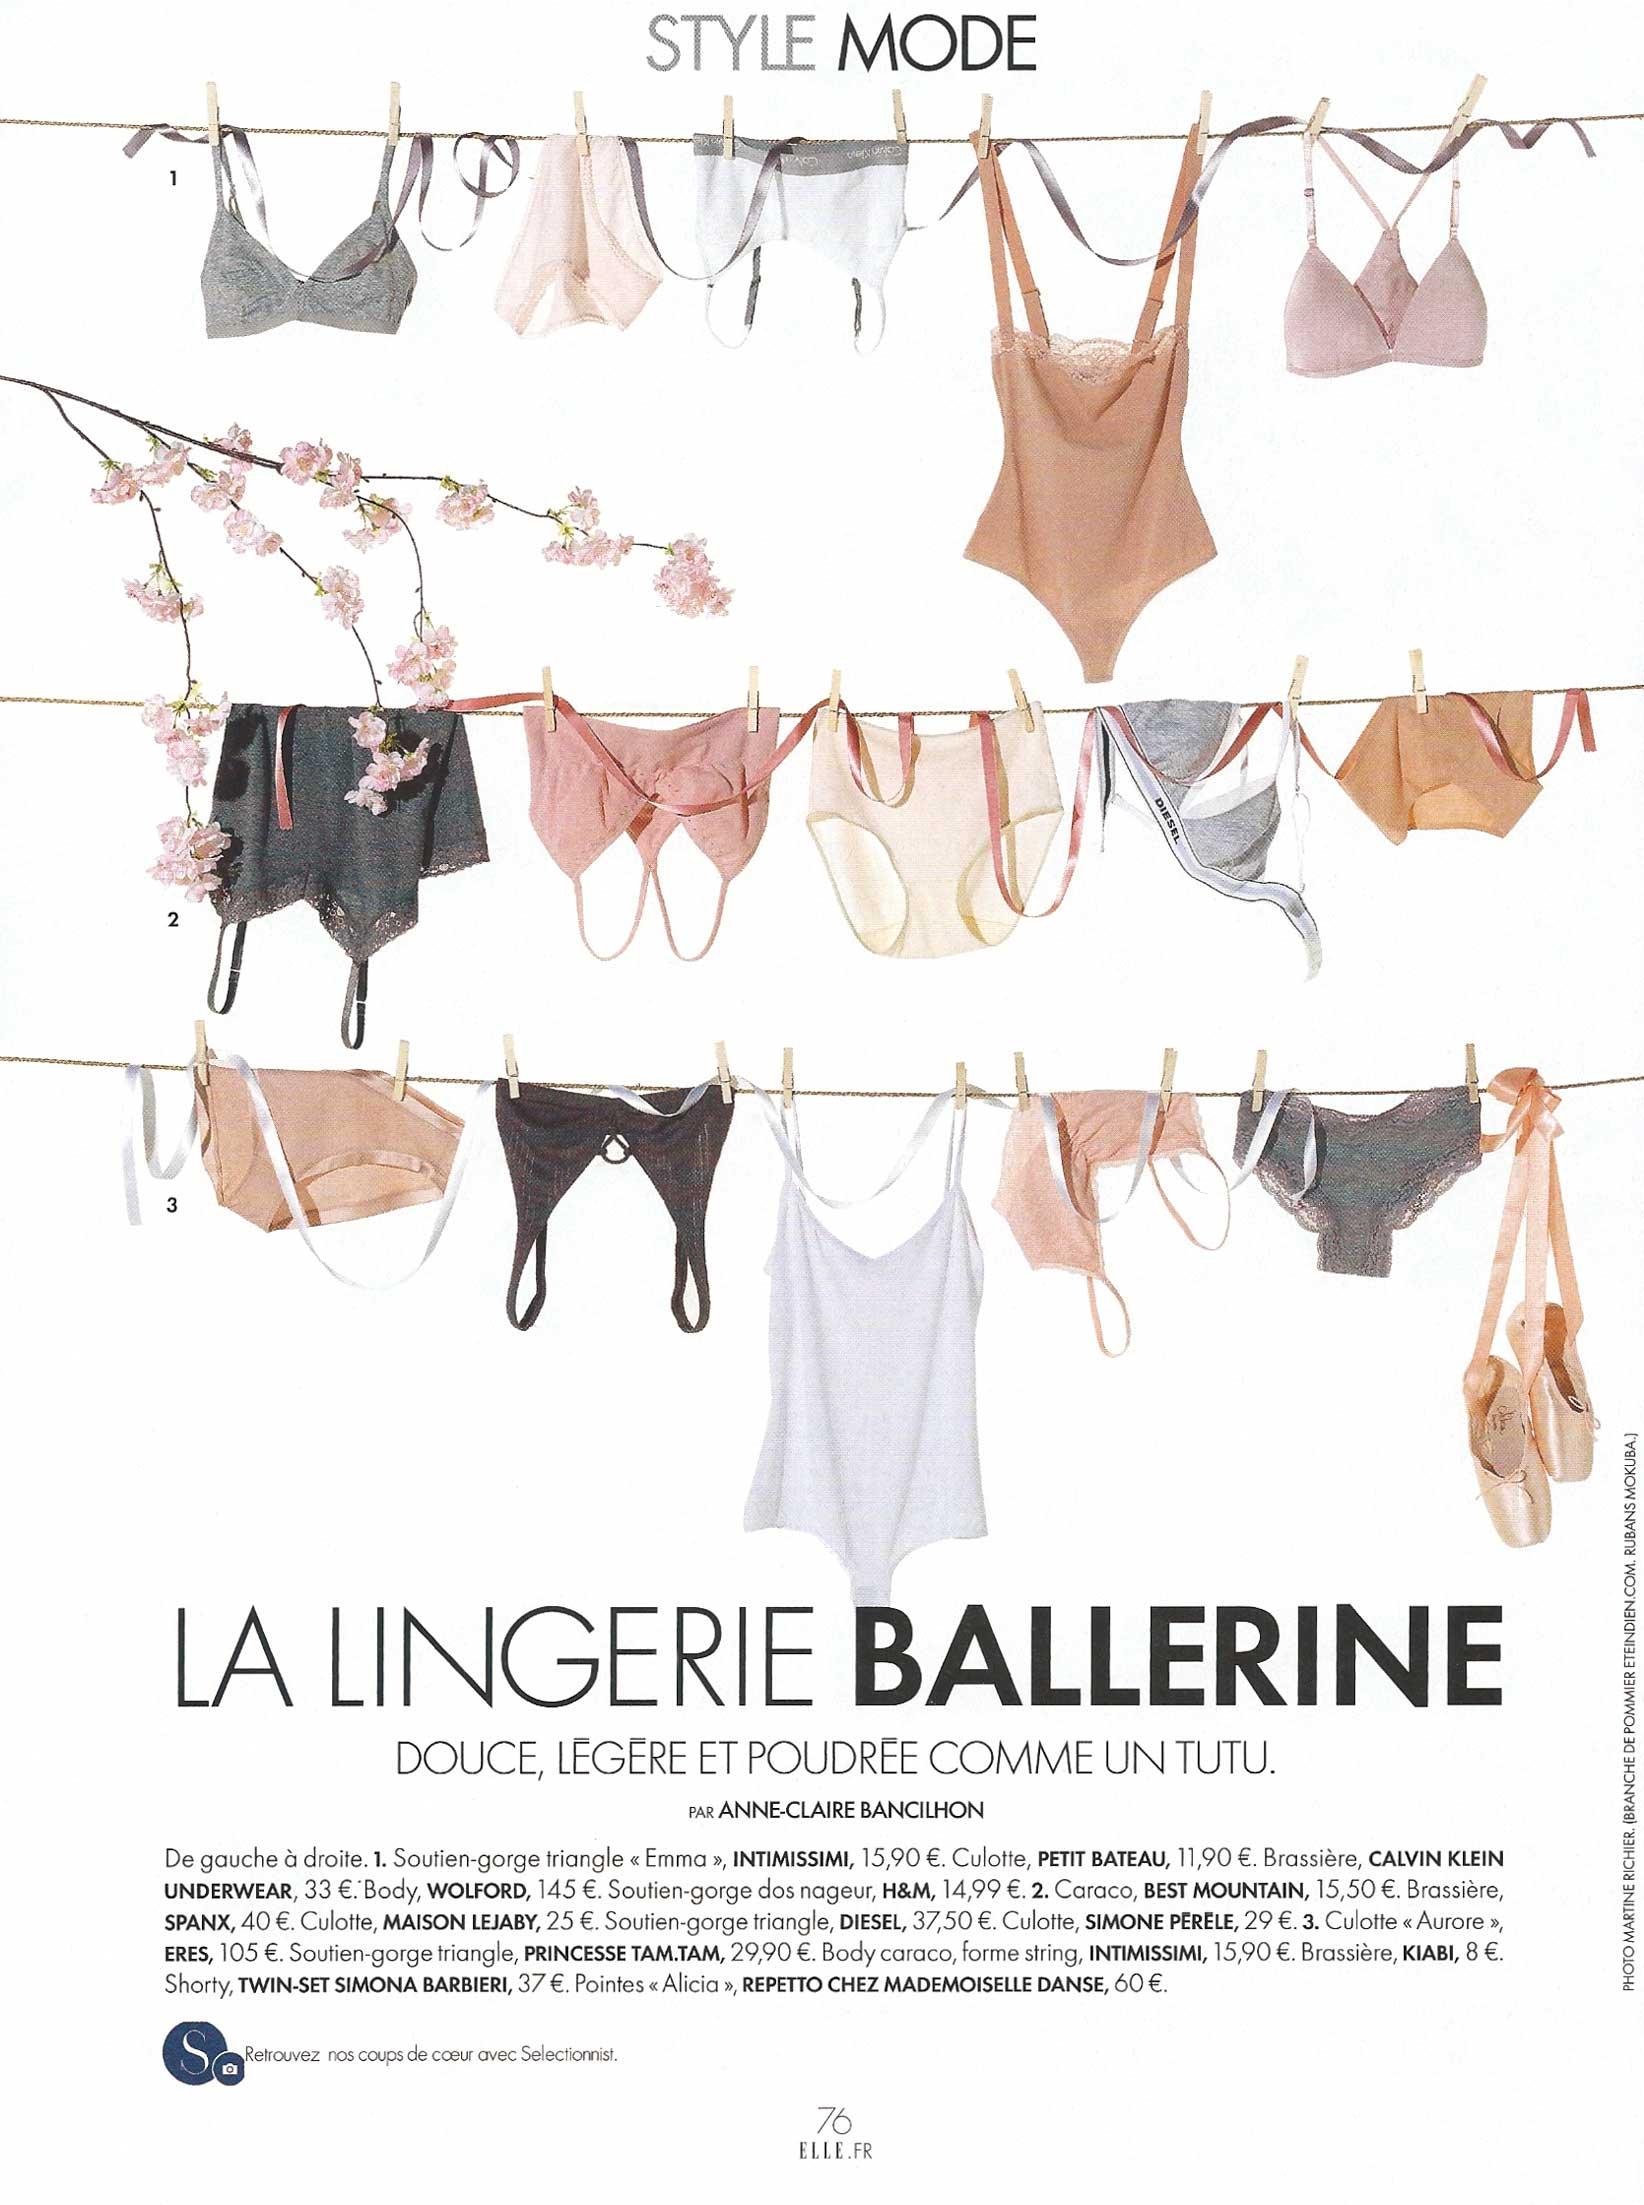 Elle_Lingerie-ballerine_web.jpg